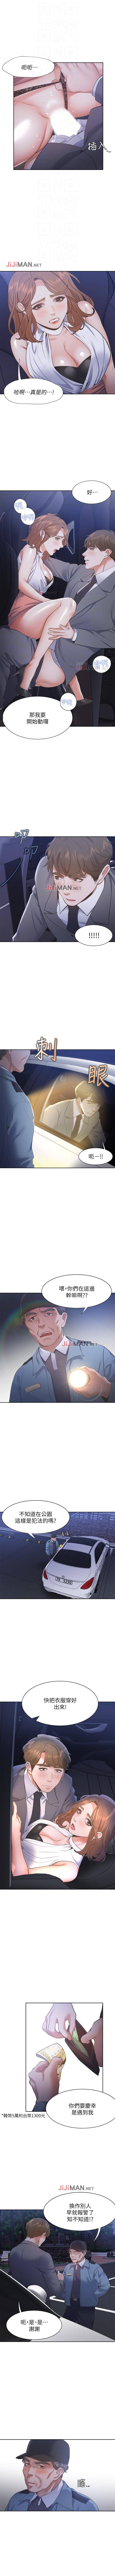 【周五连载】渴望:爱火难耐(作者:Appeal&格子17) 第1~24话 184